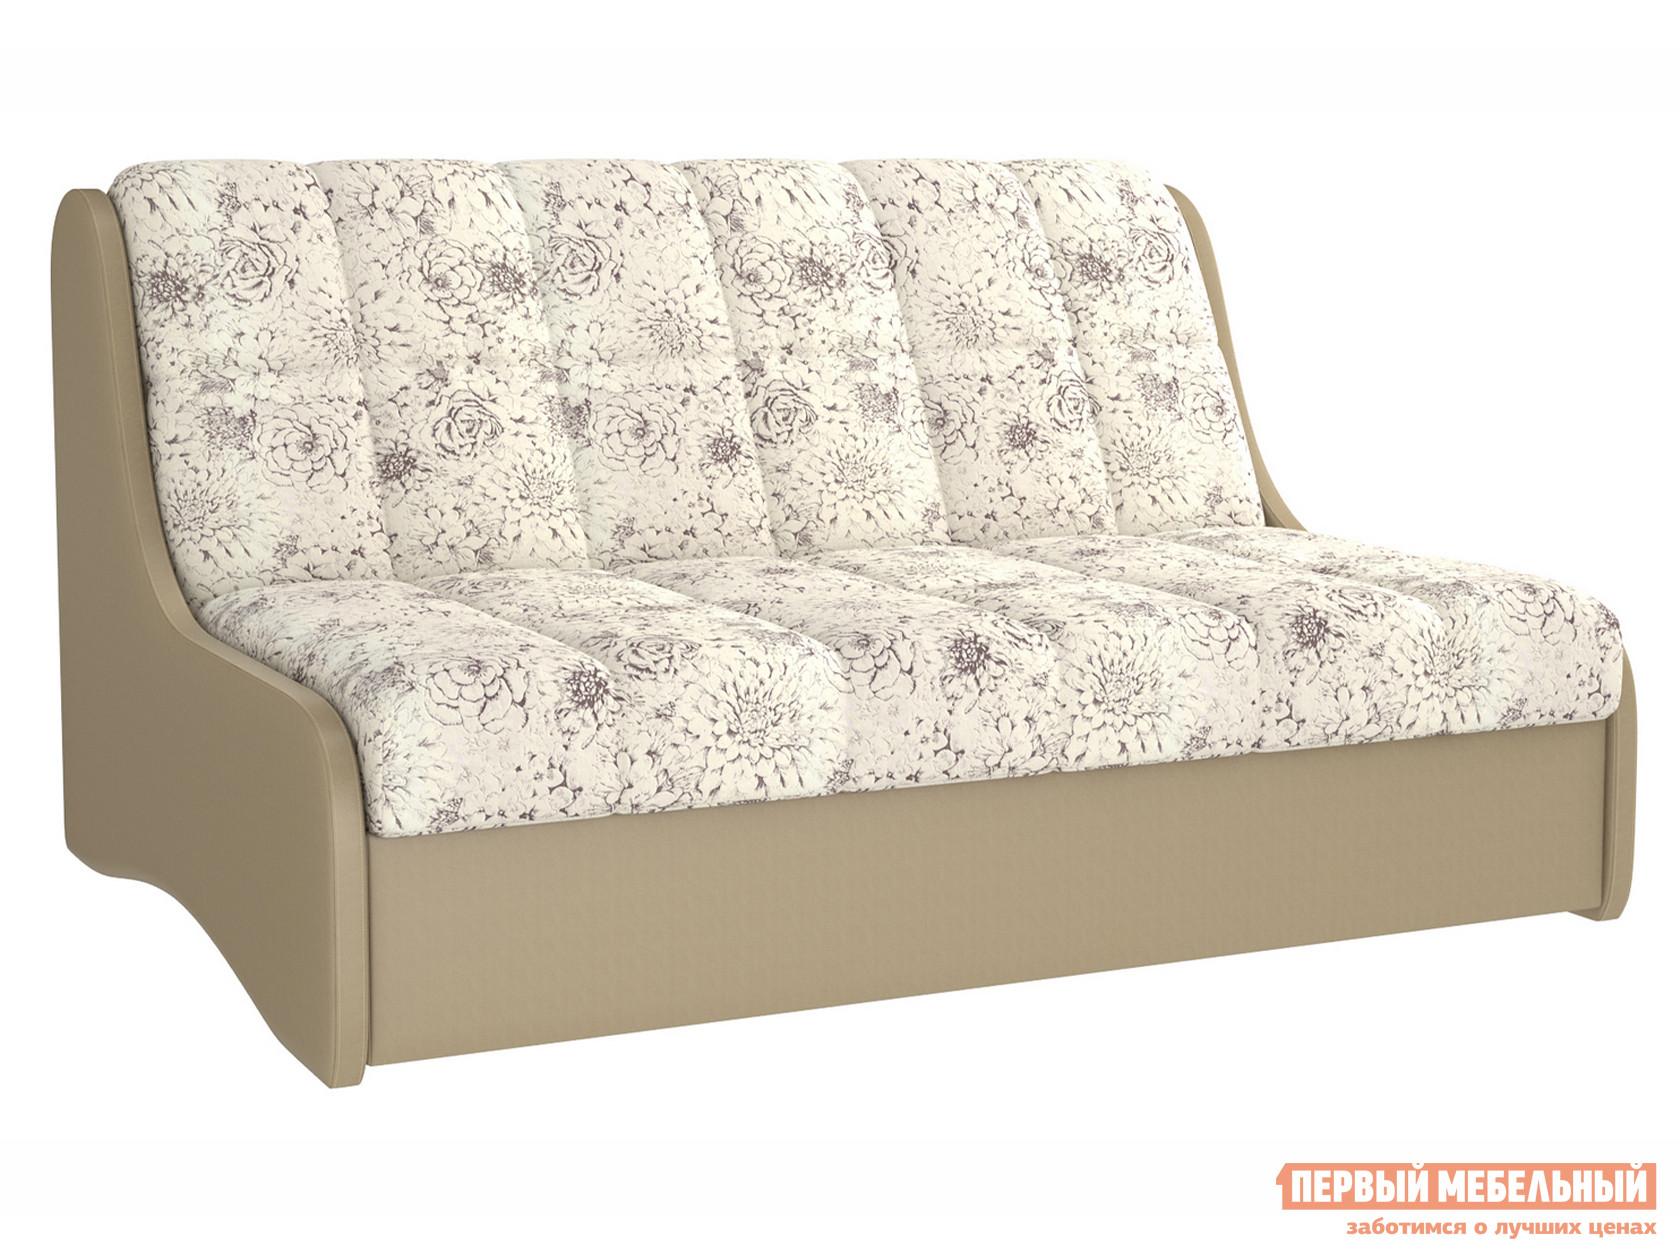 Прямой диван Первый Мебельный Диван Токио